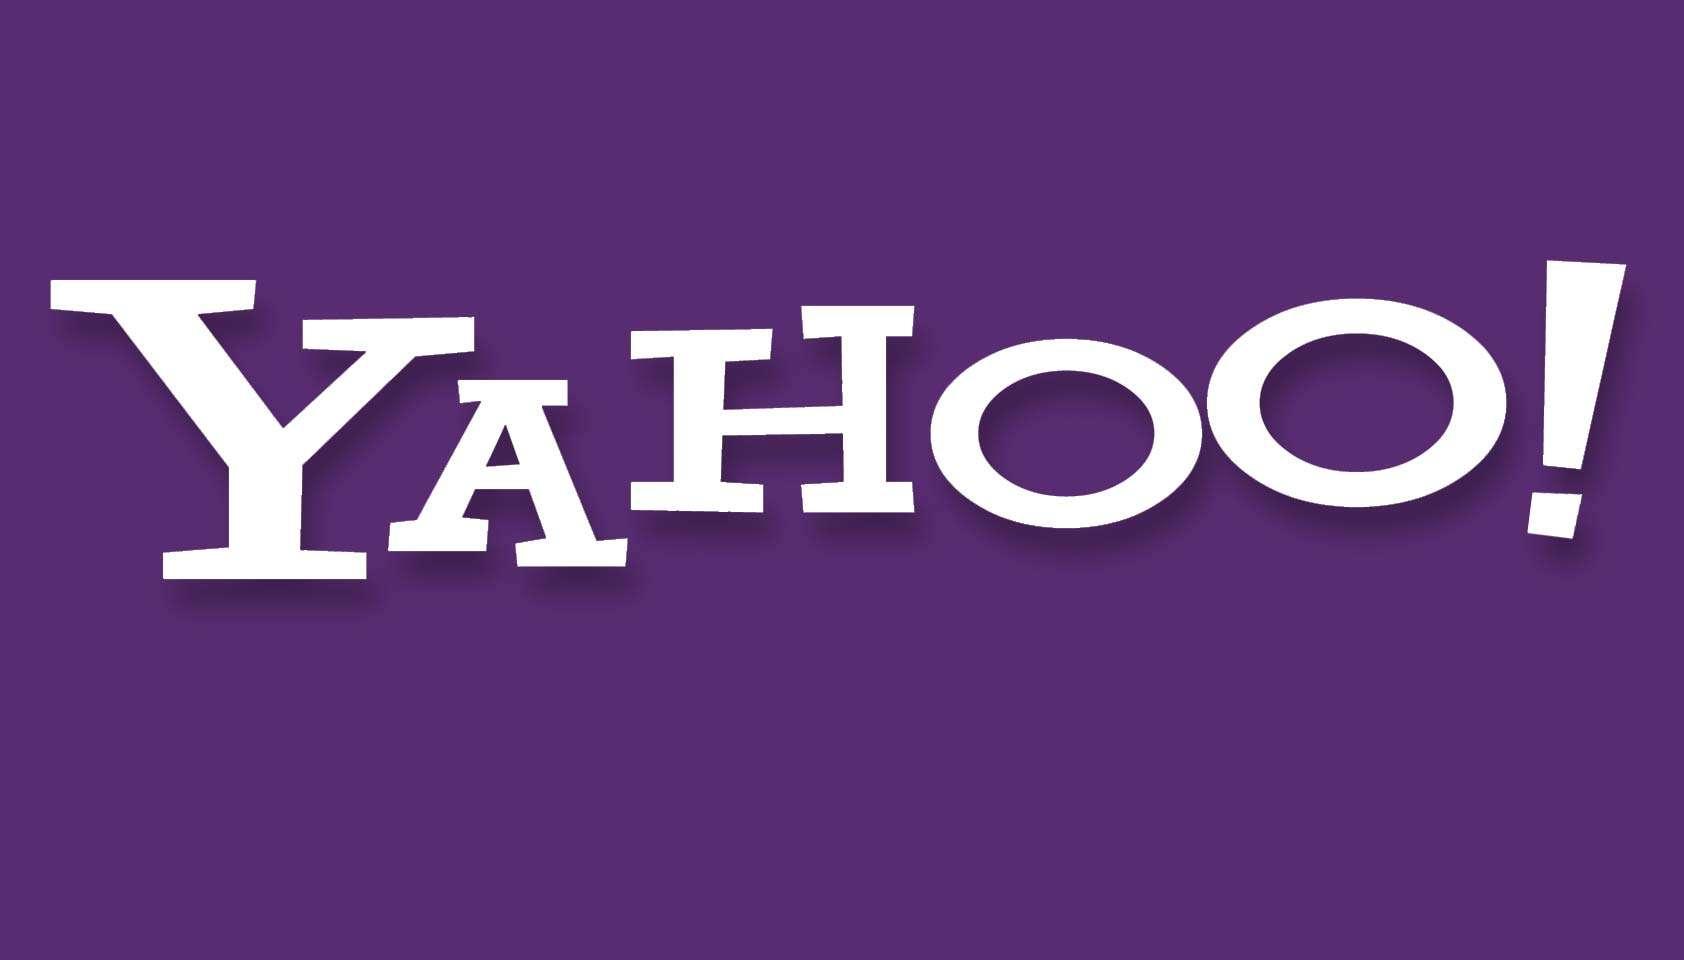 Se detecta un malware que afecta a visitantes de Yahoo solo de Europa